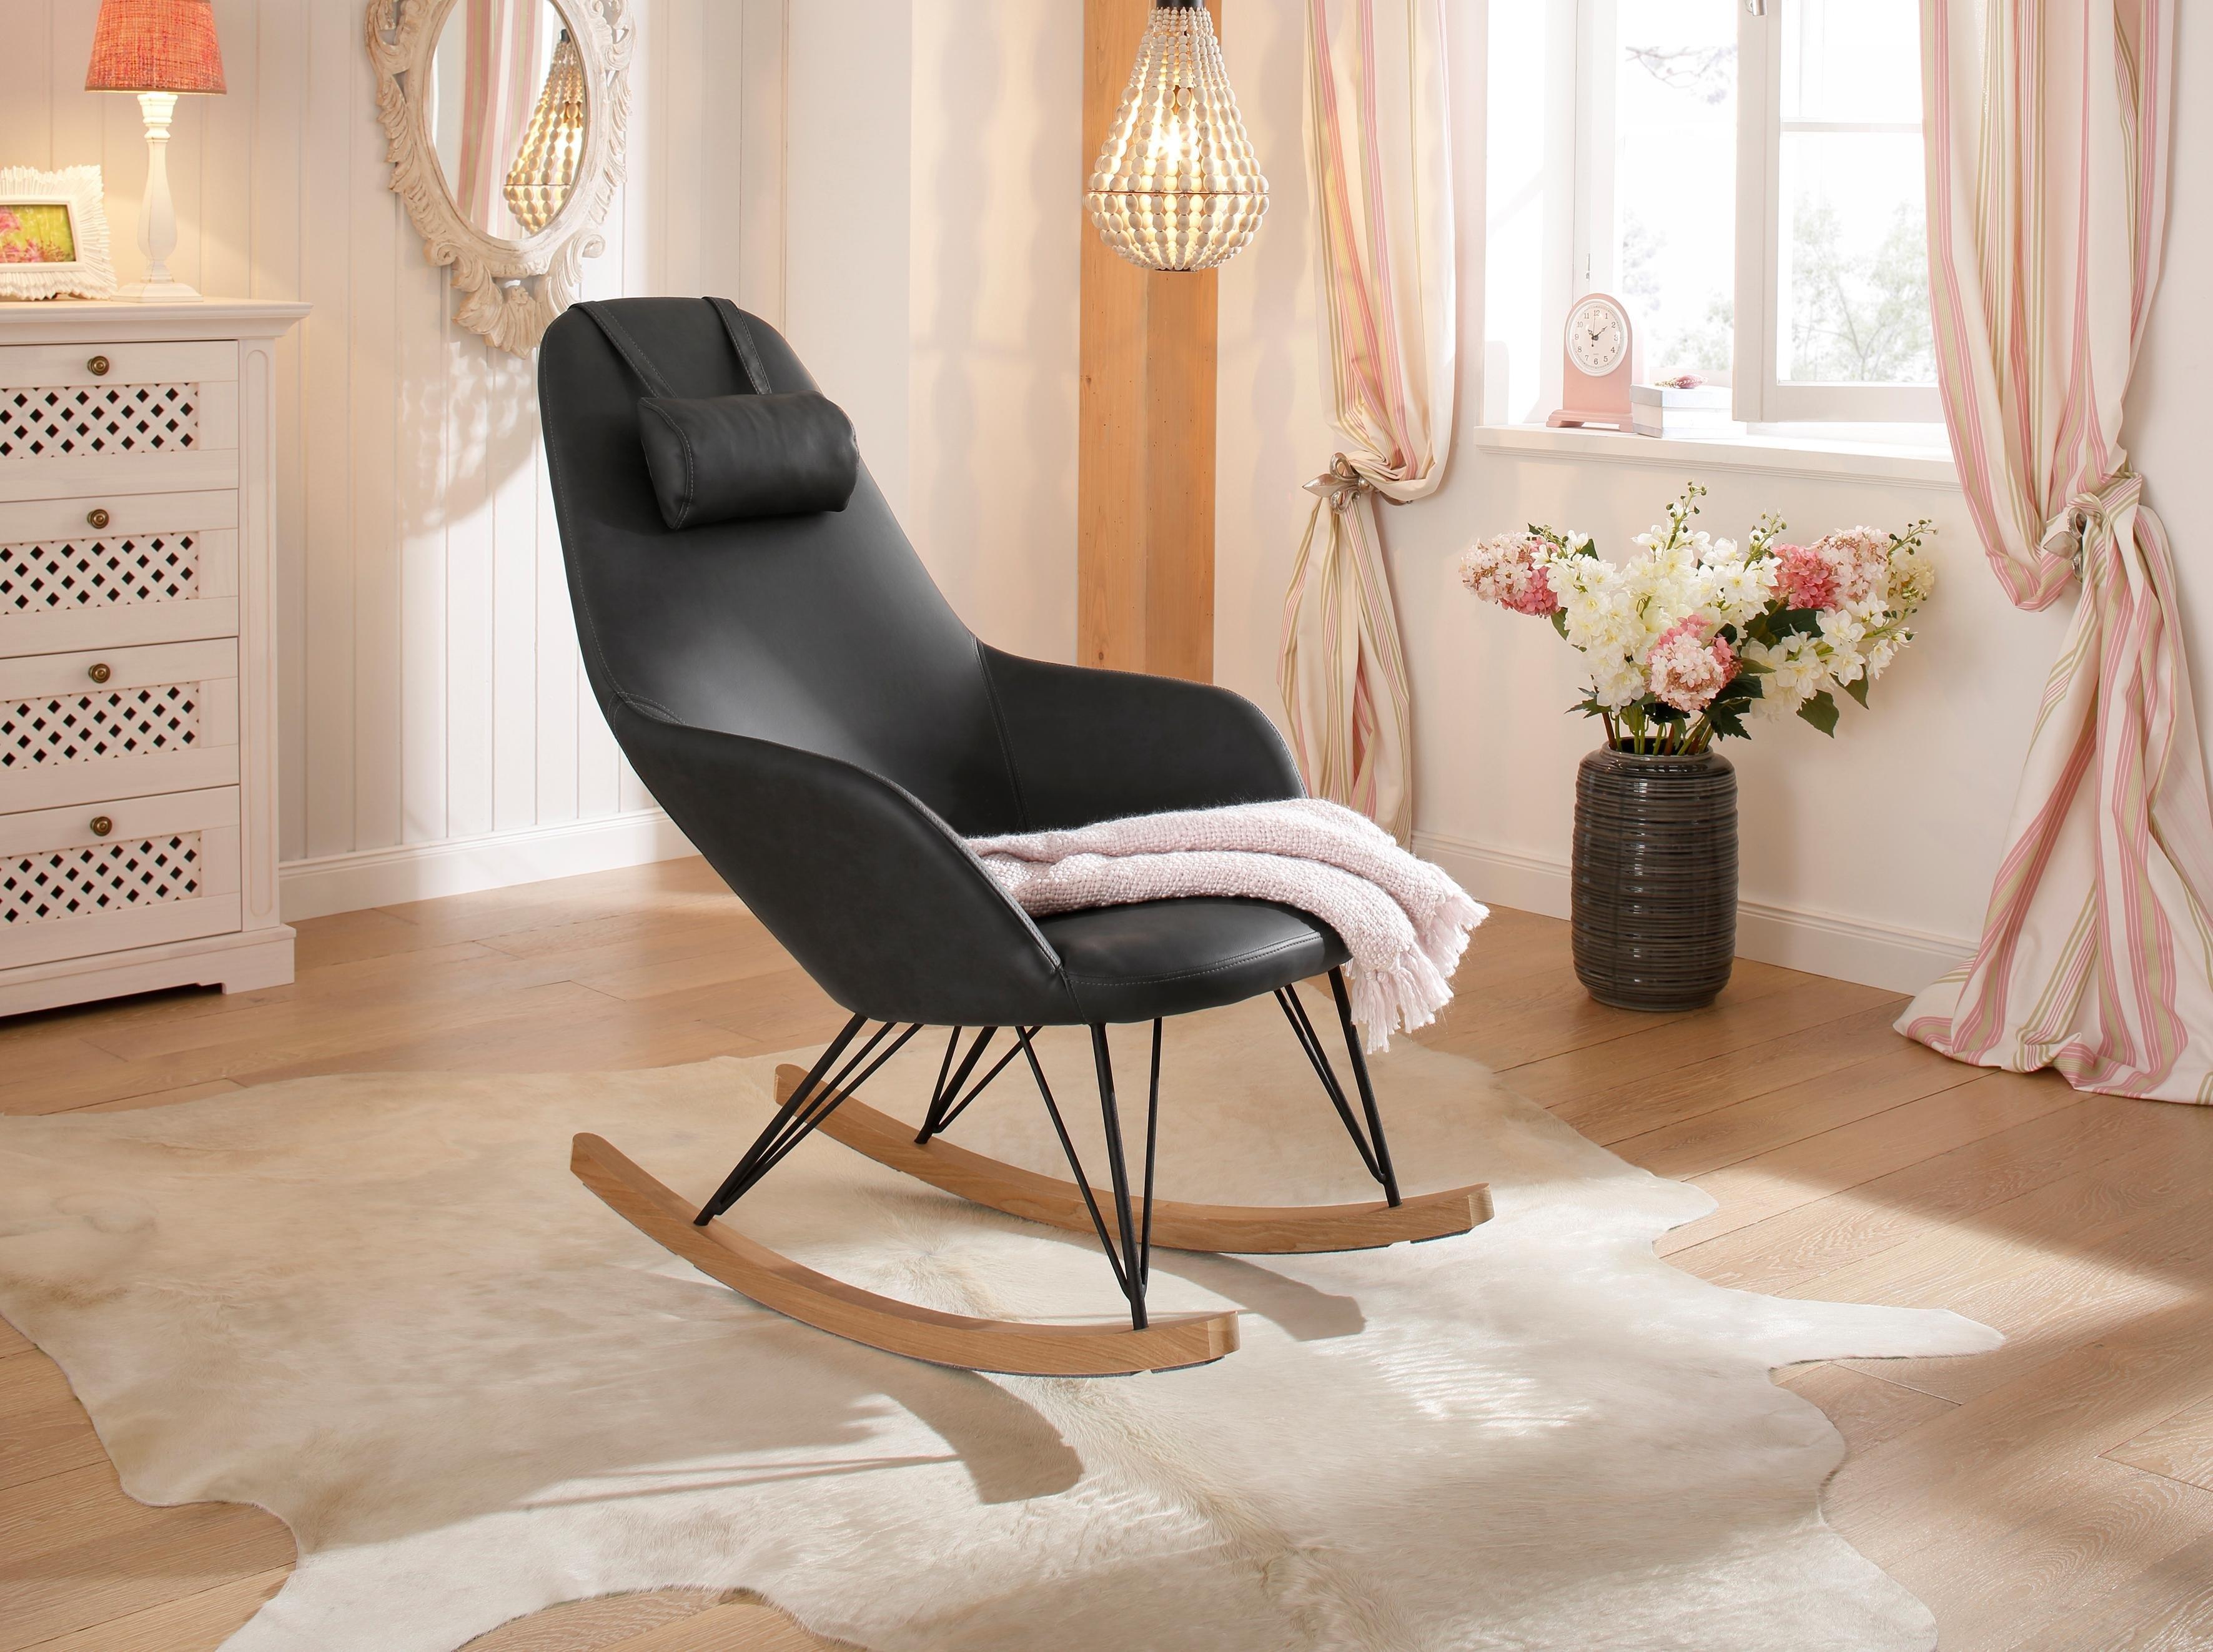 Op zoek naar een Home Affaire »Nashville« schommelstoel, stalen poten, houten delen, moderne look, romp zacht verdikt? Koop online bij OTTO